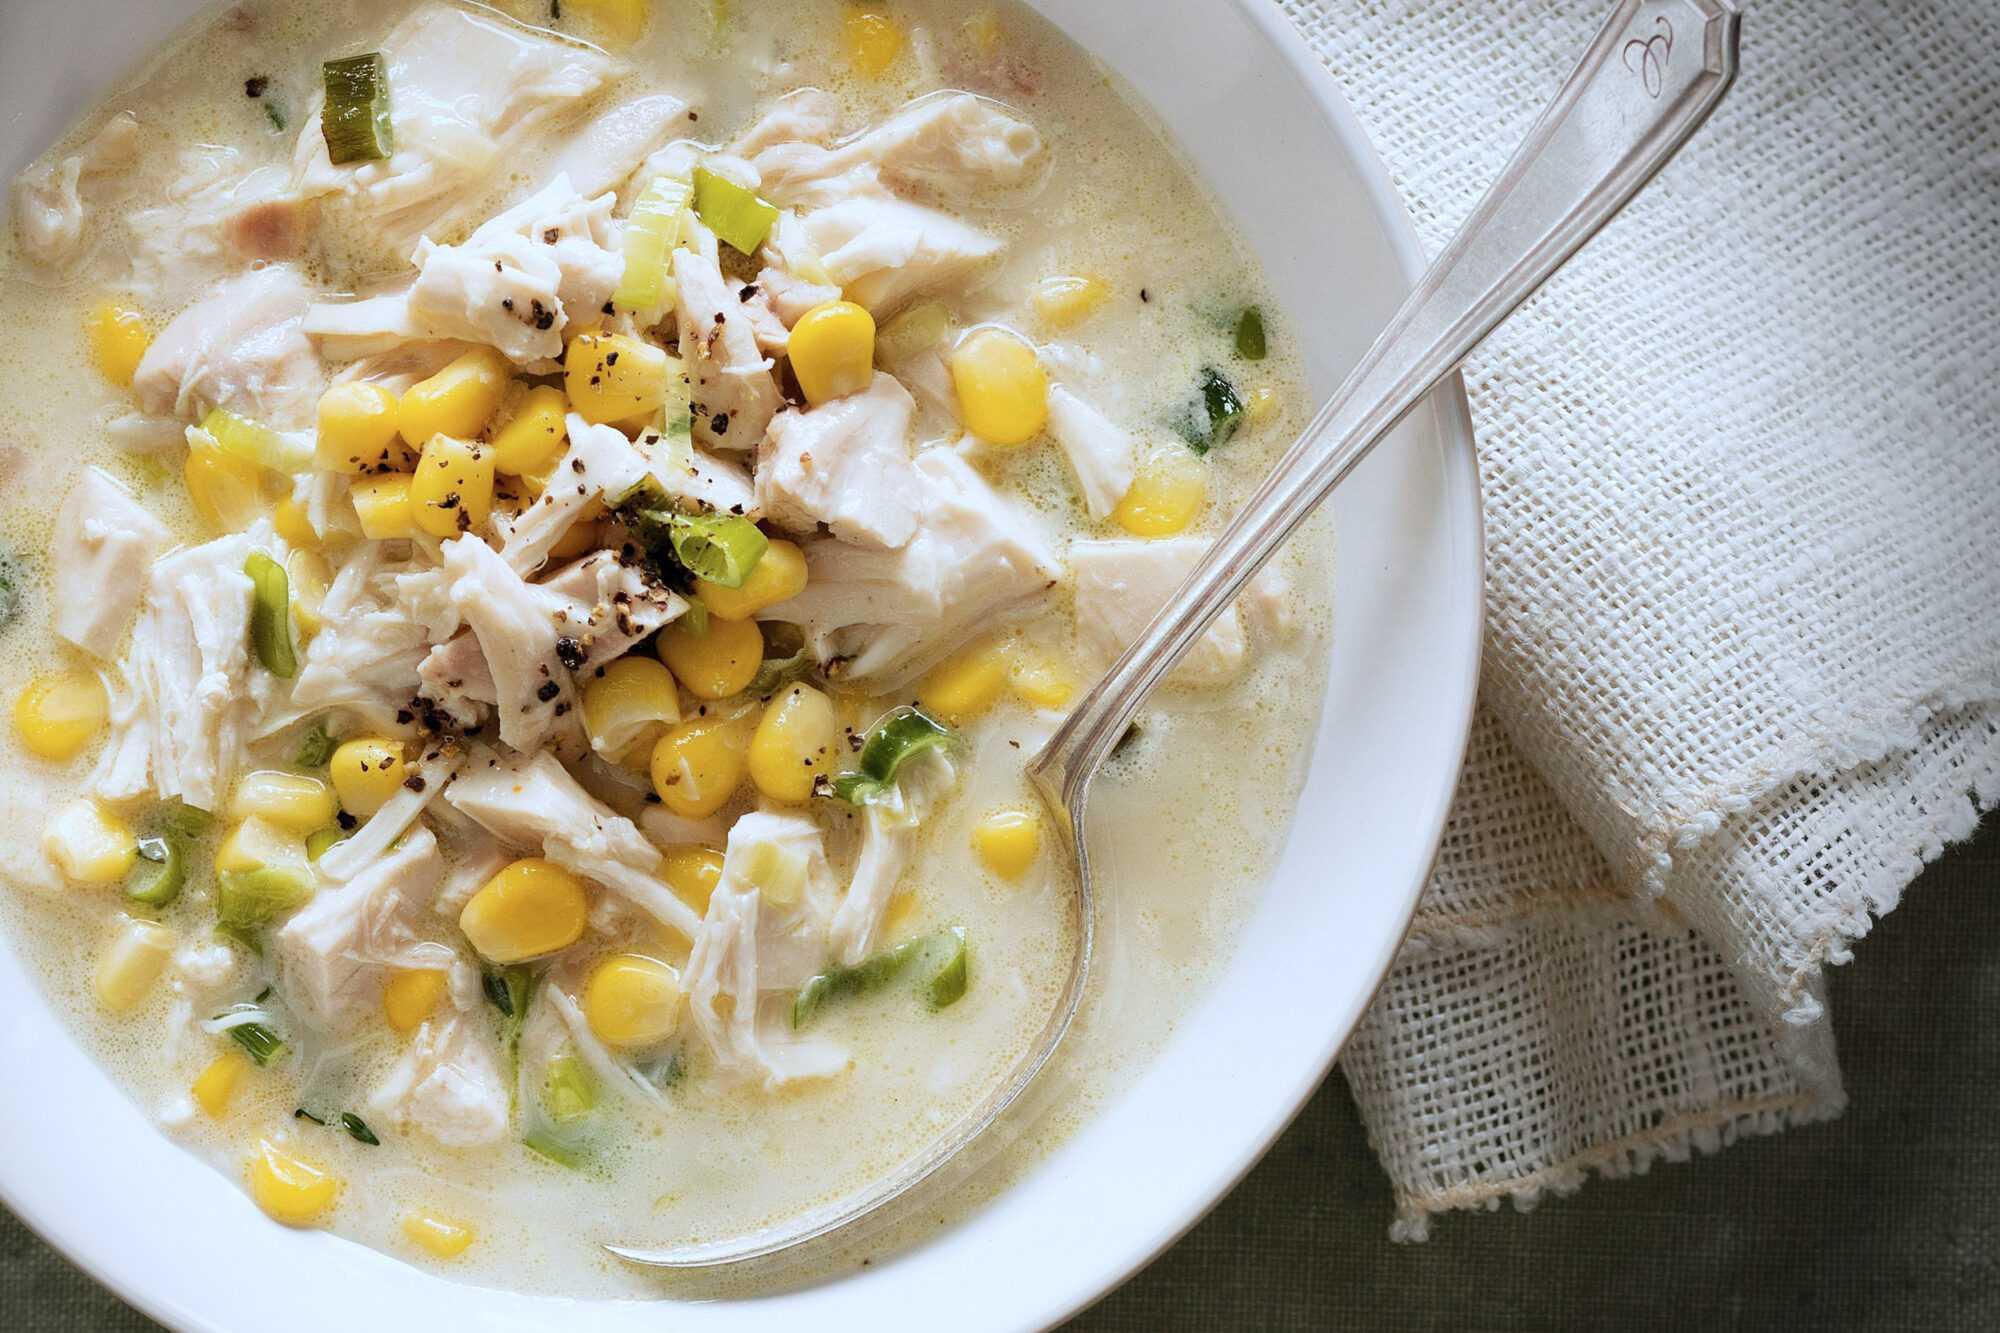 Plato de sopa de pollo y maíz en la Thermomix